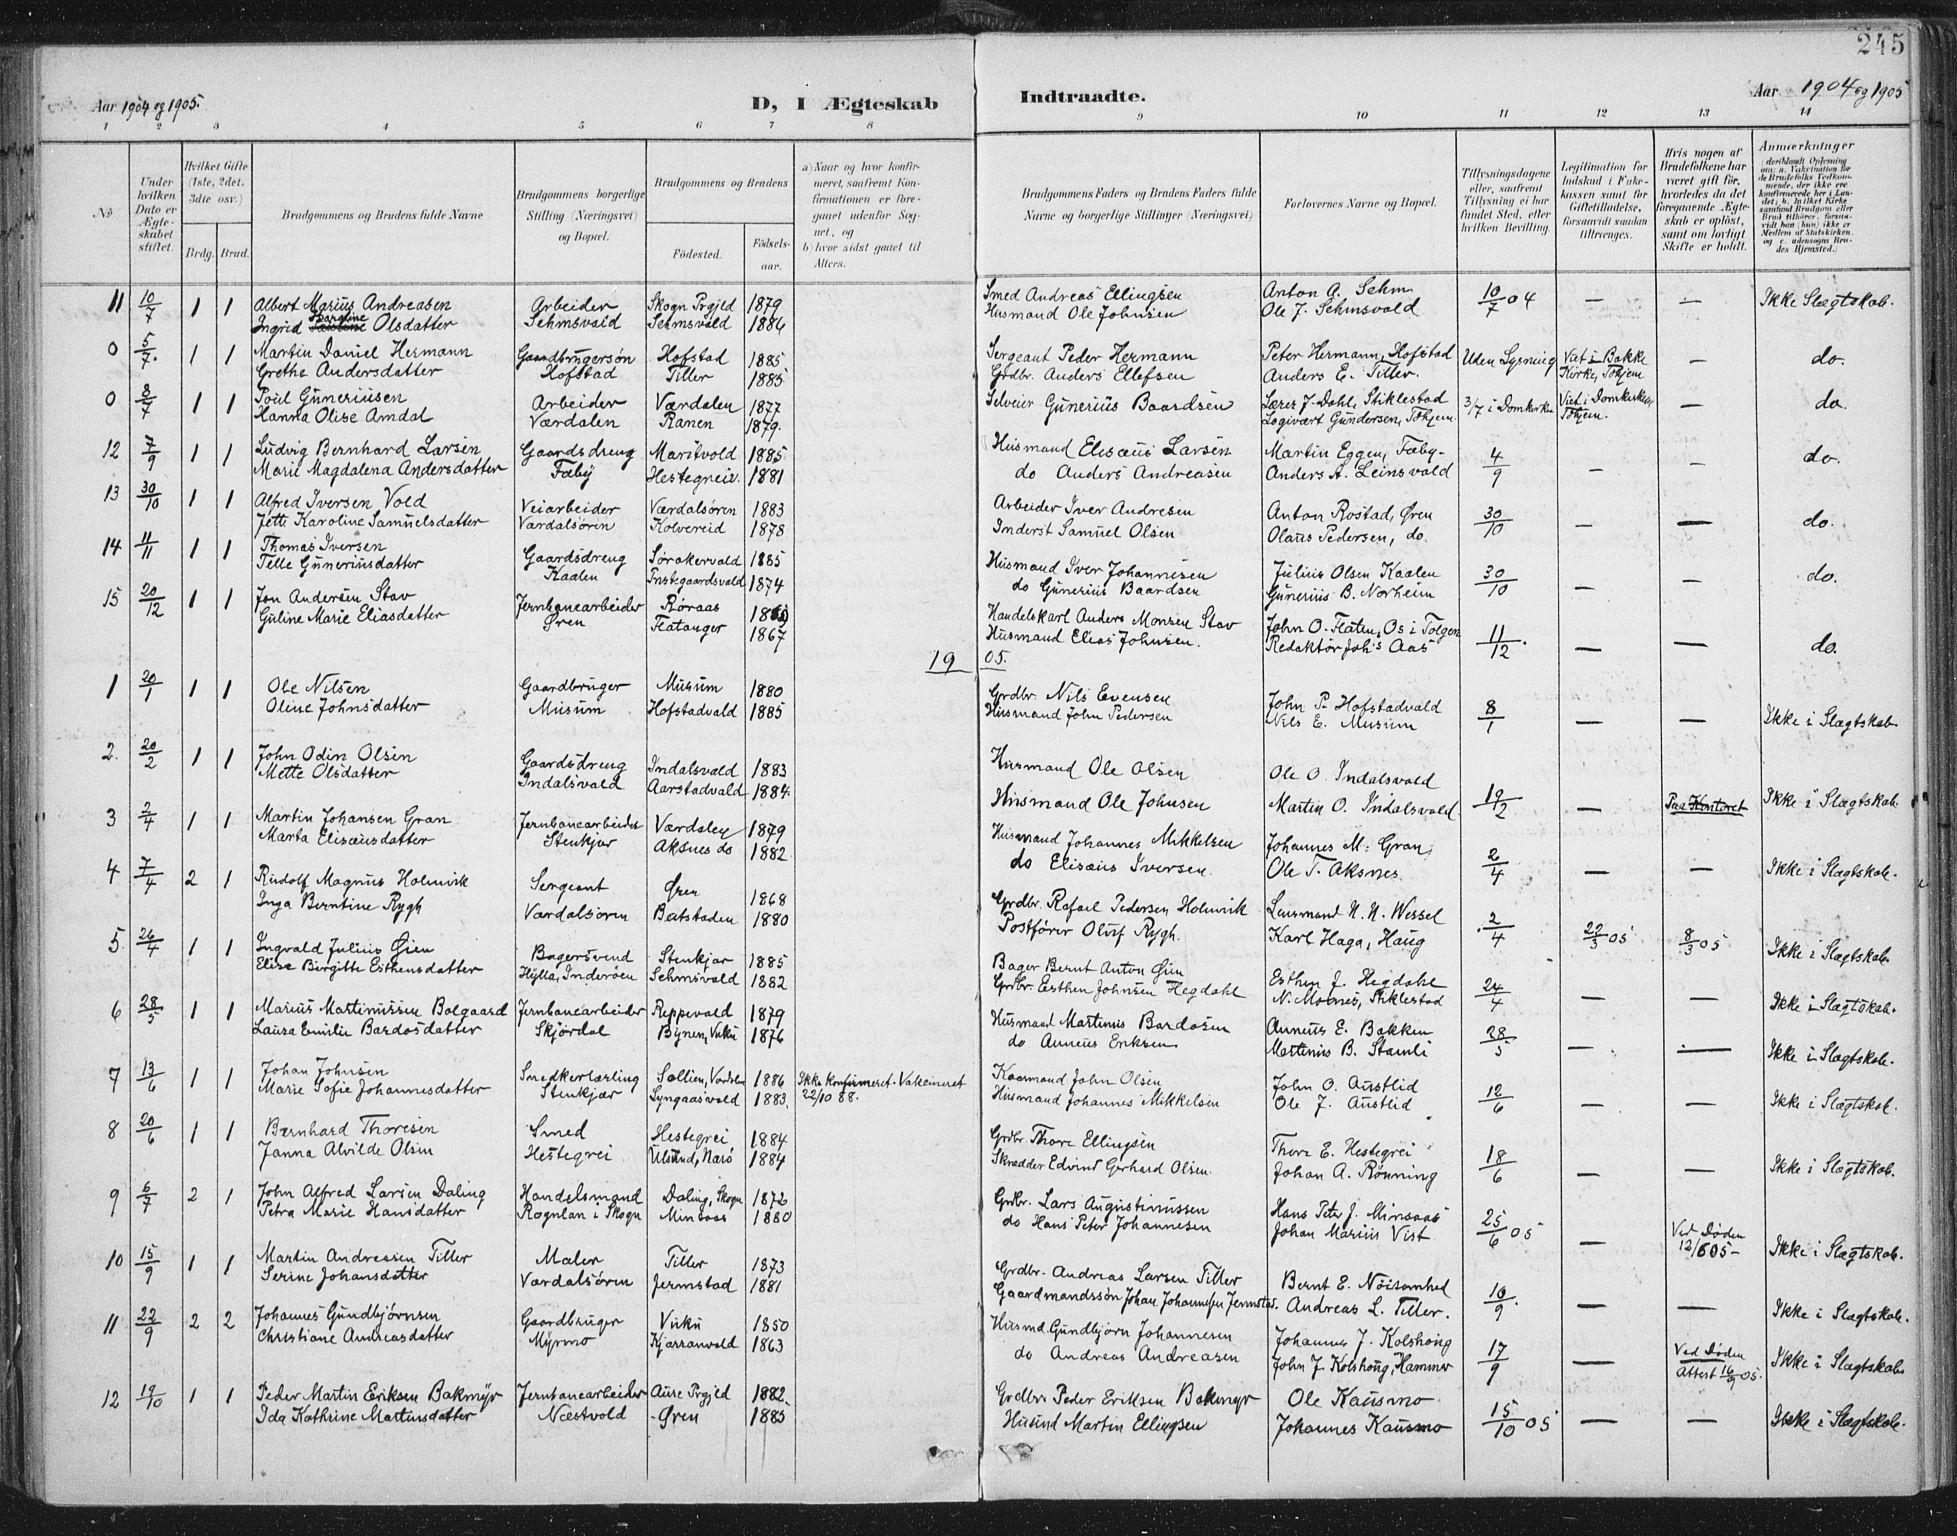 SAT, Ministerialprotokoller, klokkerbøker og fødselsregistre - Nord-Trøndelag, 723/L0246: Ministerialbok nr. 723A15, 1900-1917, s. 245